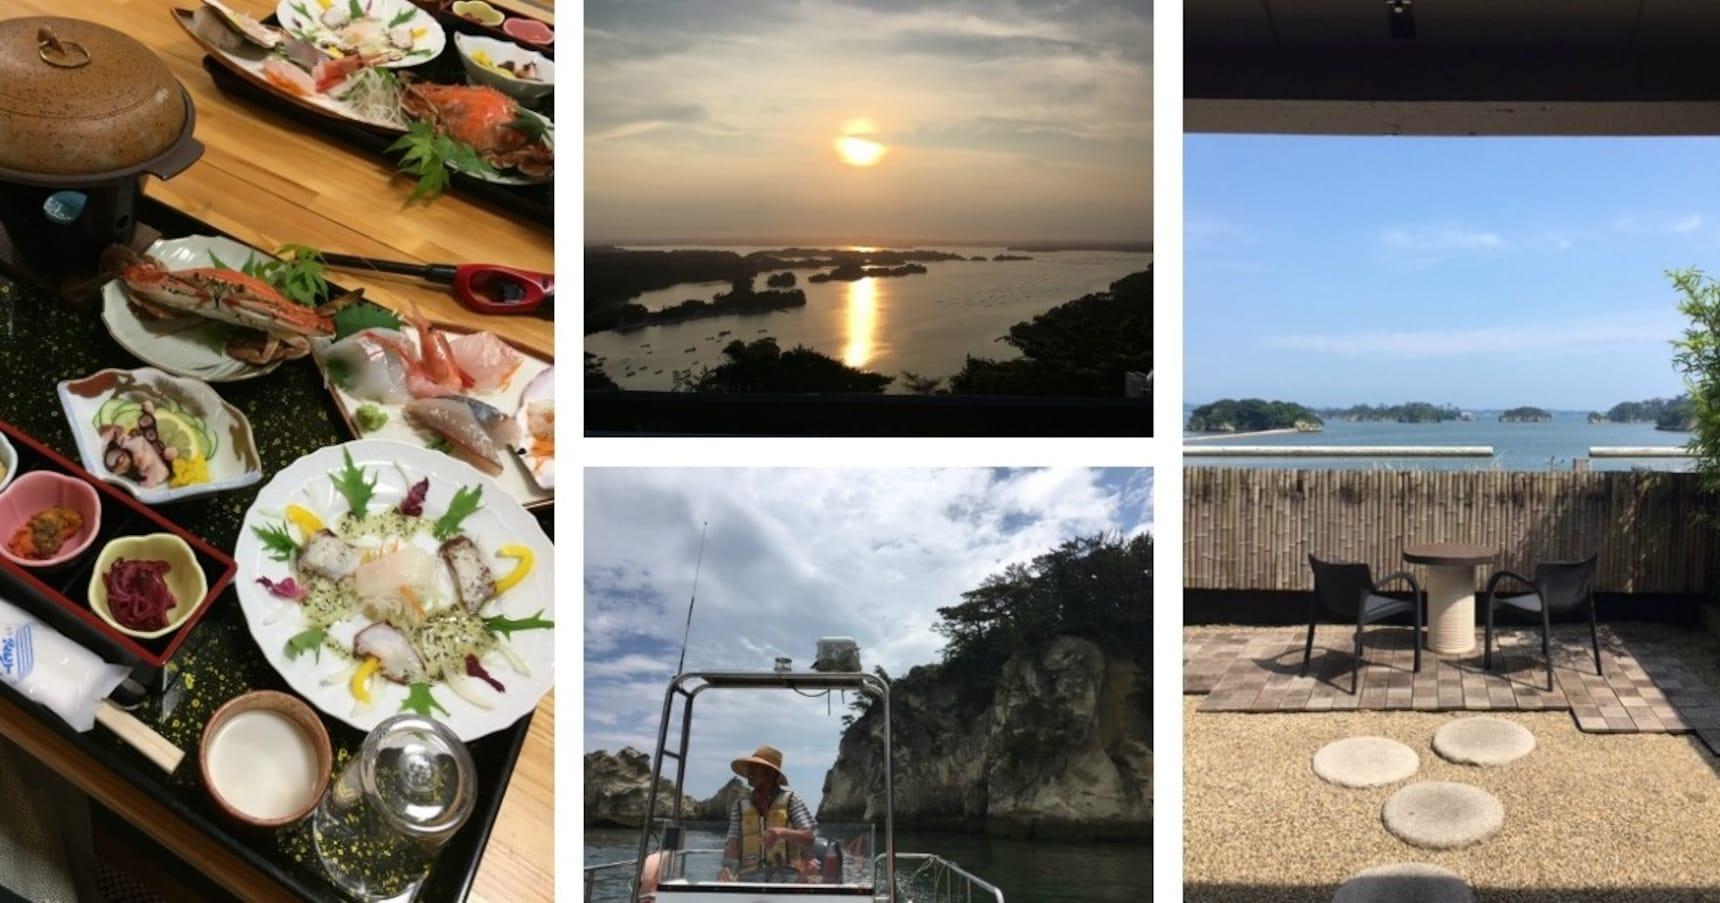 Matsushima: The Shining Jewel of Miyagi